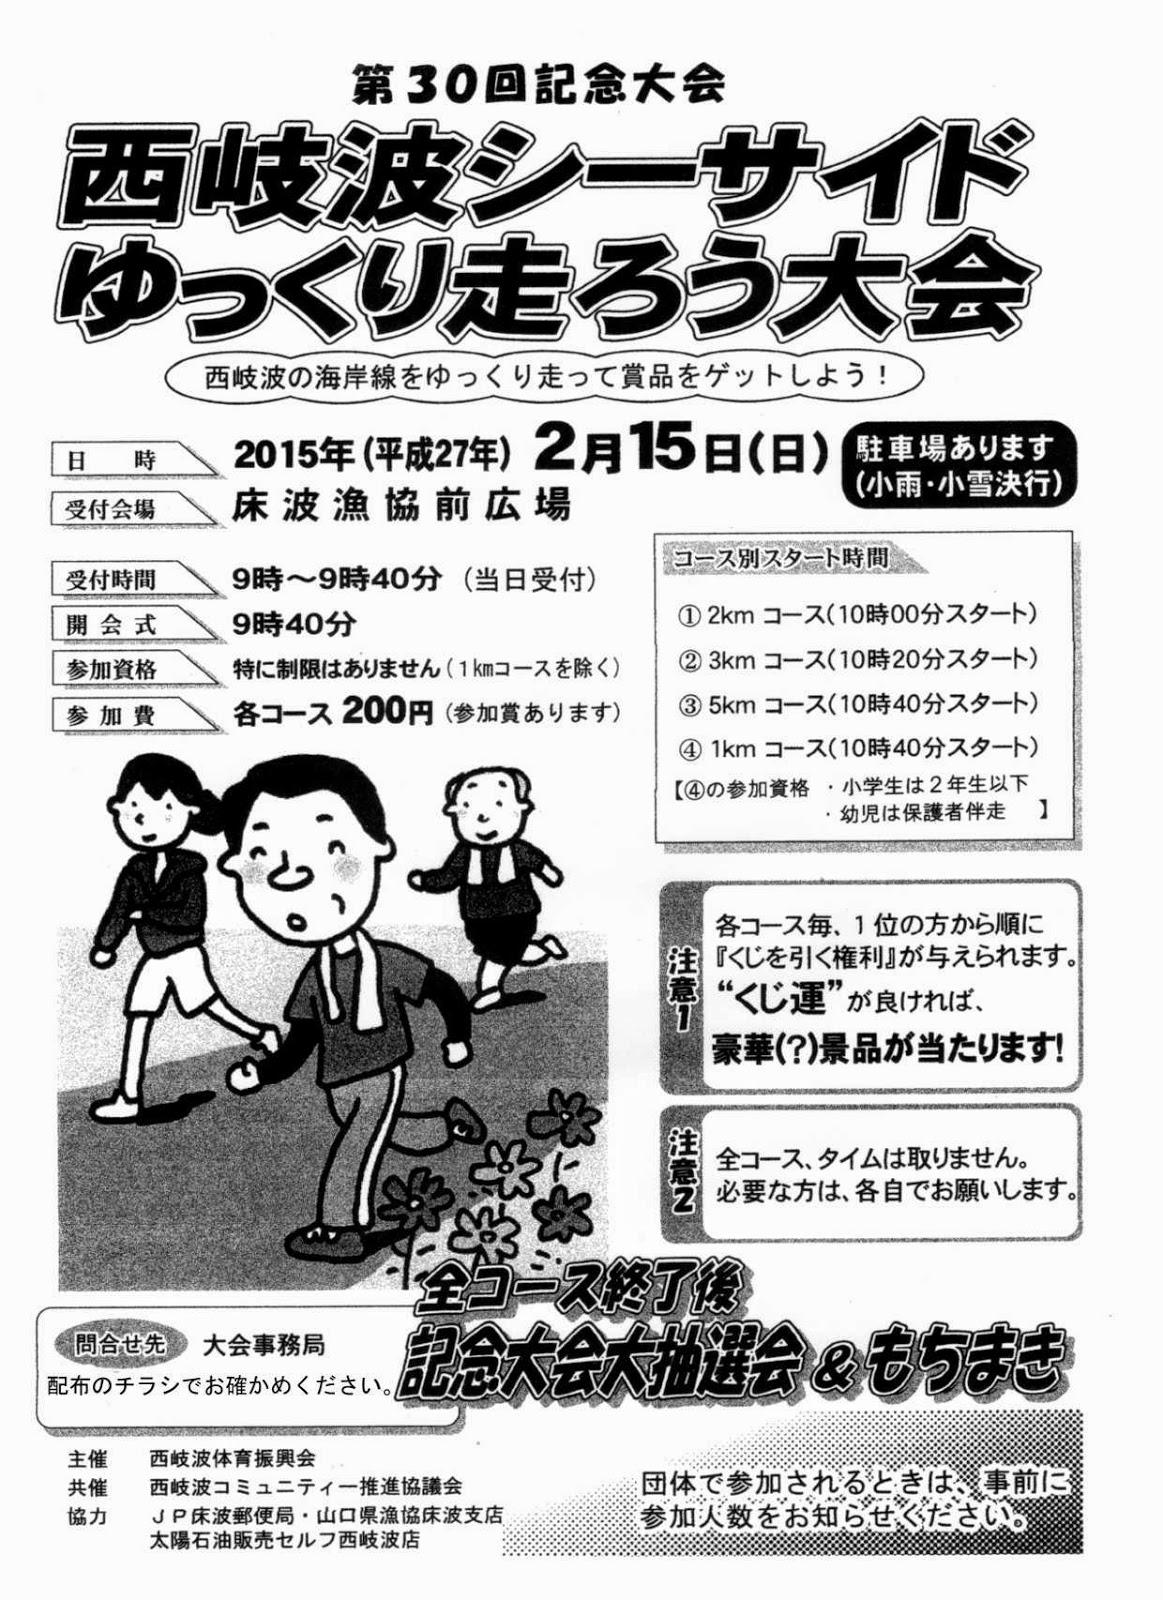 西岐波シーサイドゆっくり走ろう大会2月15日、日曜日開催。参加費200円要